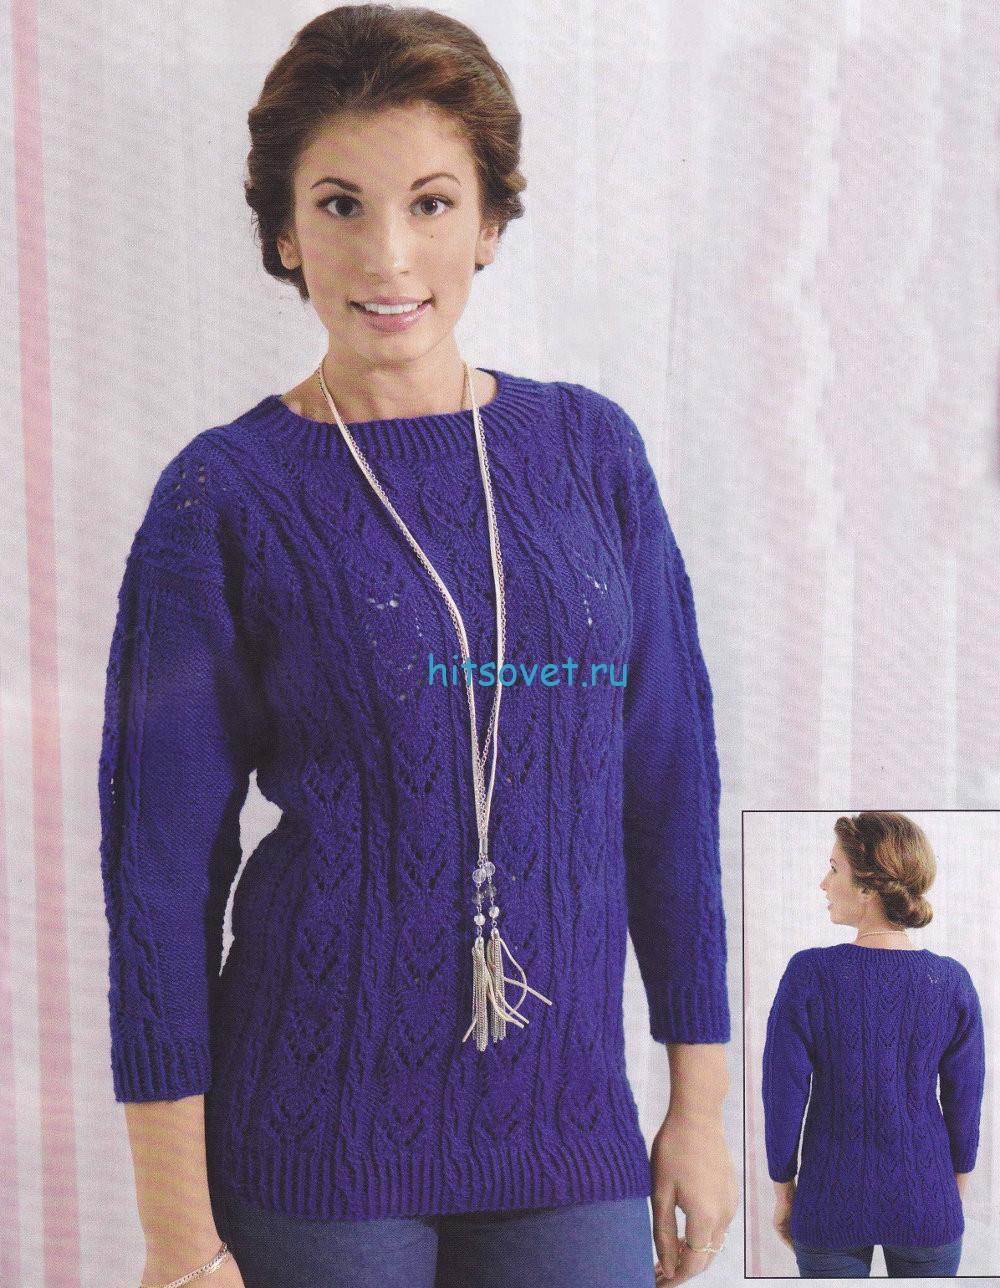 Вязание свитера ажурным узором со схемой